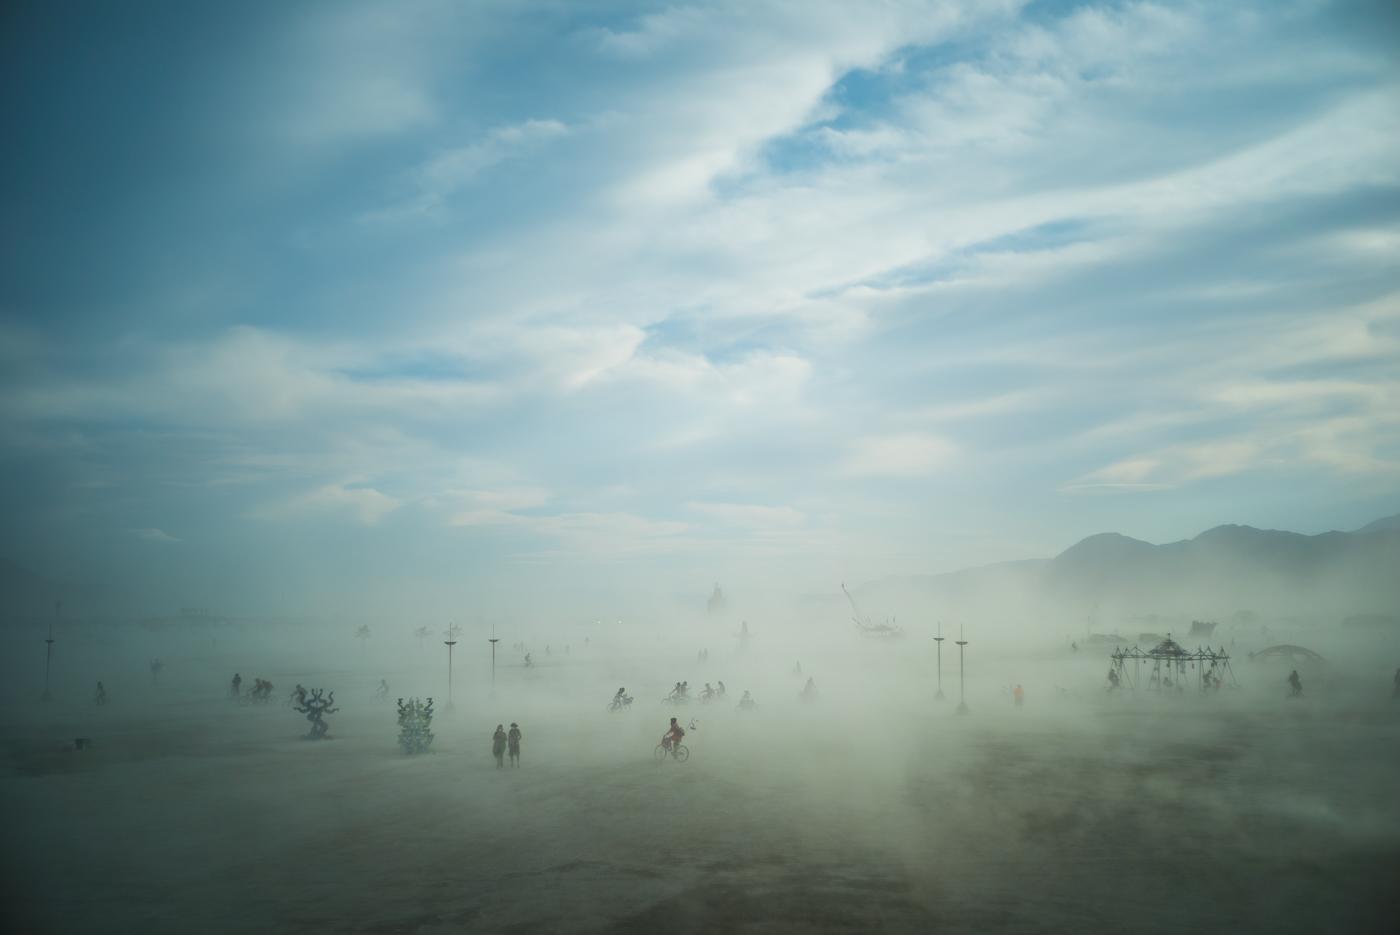 Dusty Playa, Burning Man 2014: In Dust We Trust - Photos of a Dusty Playa